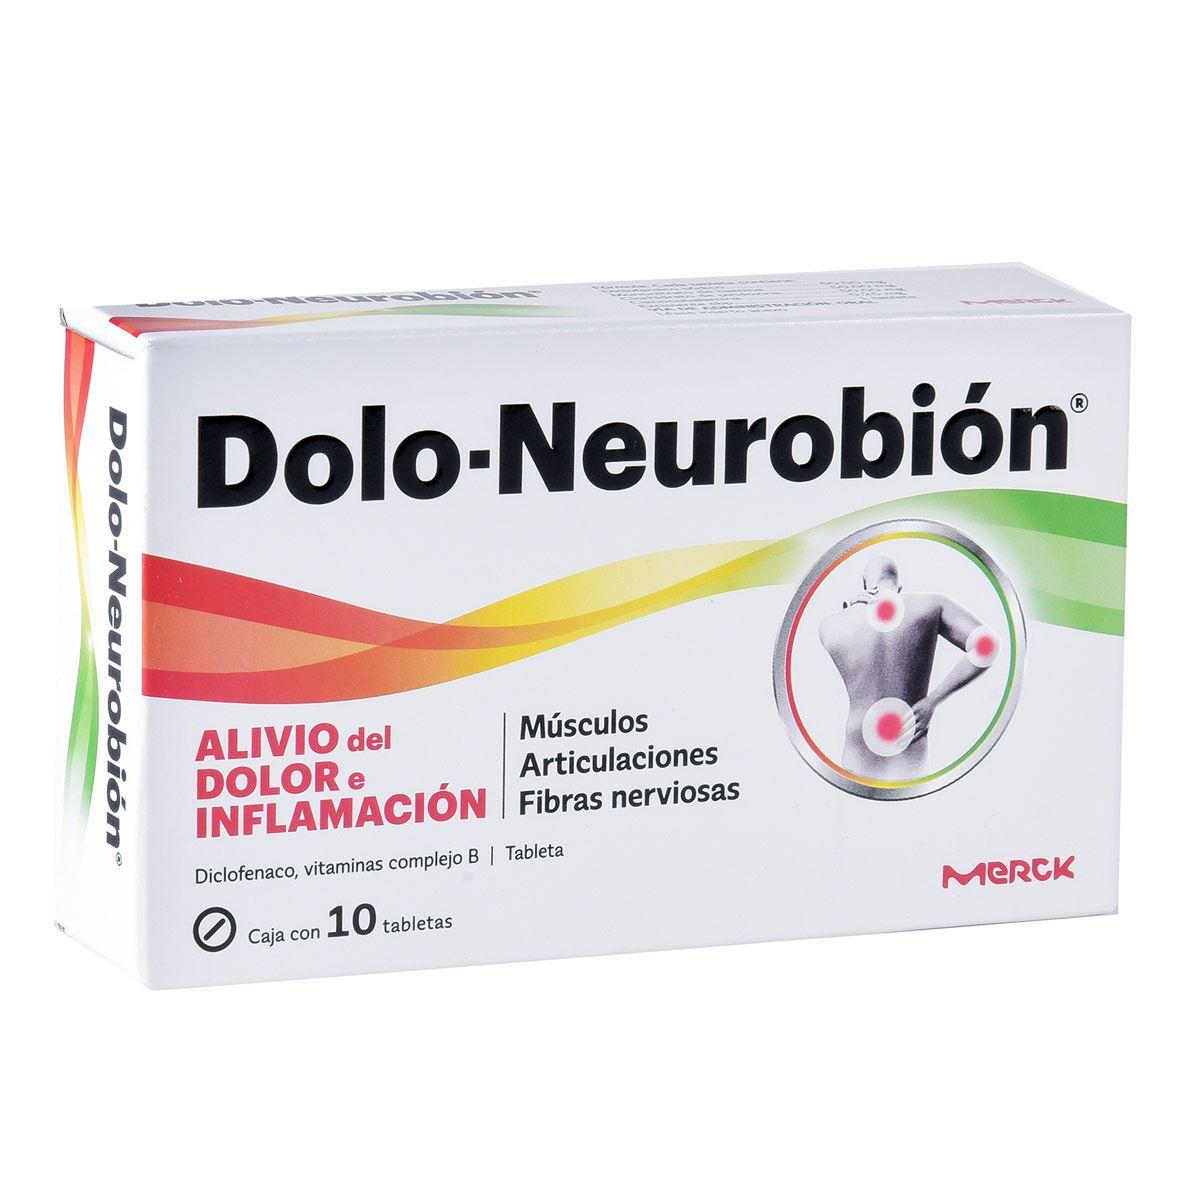 Dolo Neurobion